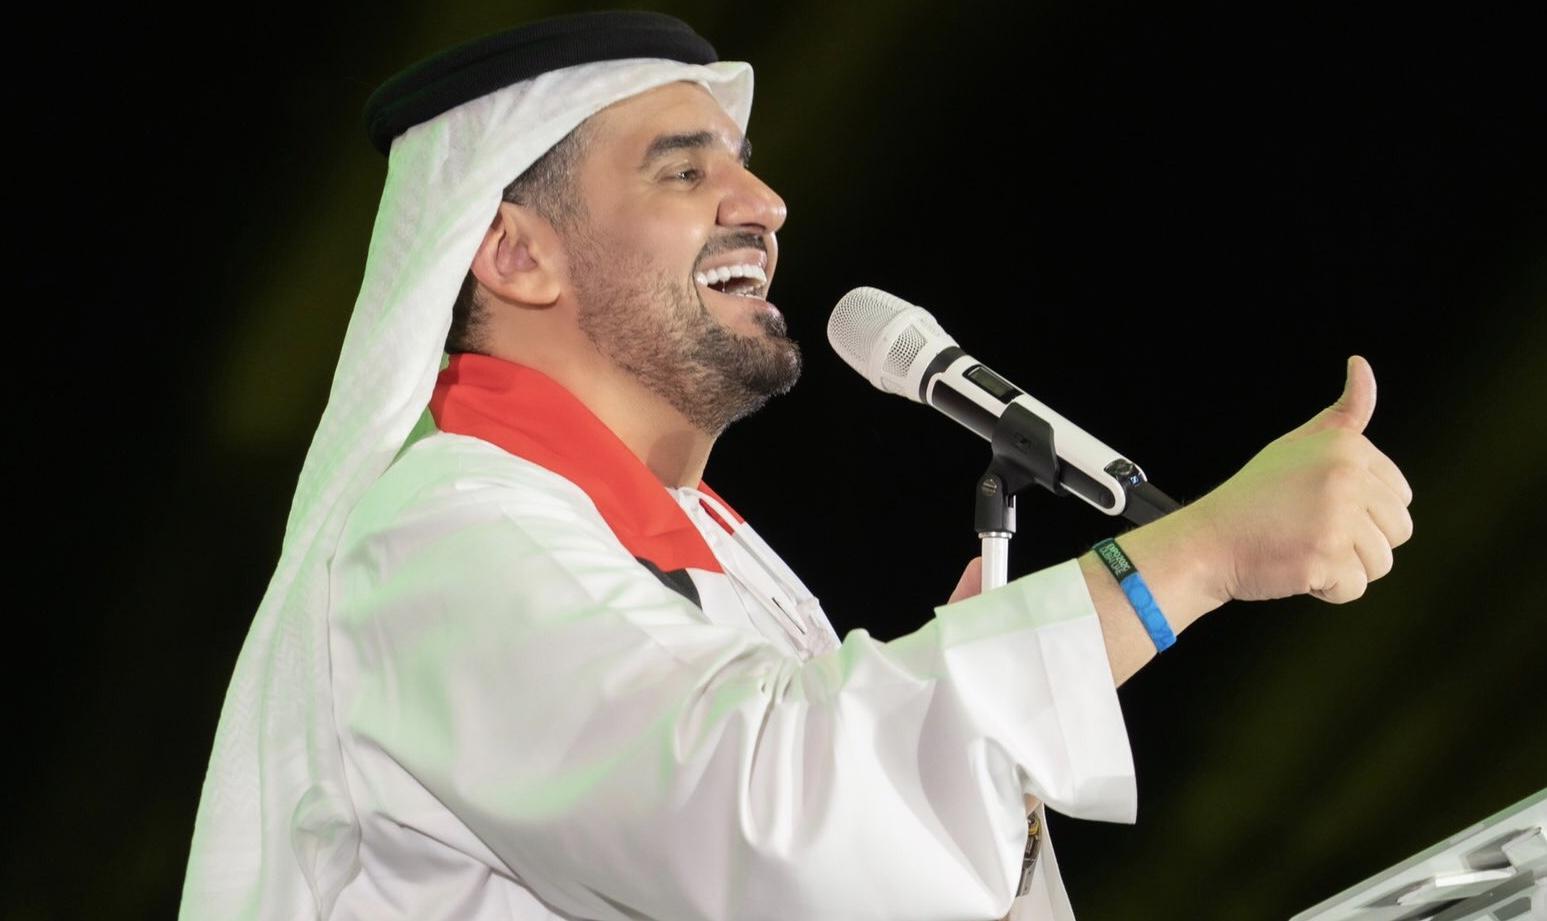 بالصور – حسين الجسمي احتفل باليوم الوطني 48 وما تعليقه؟